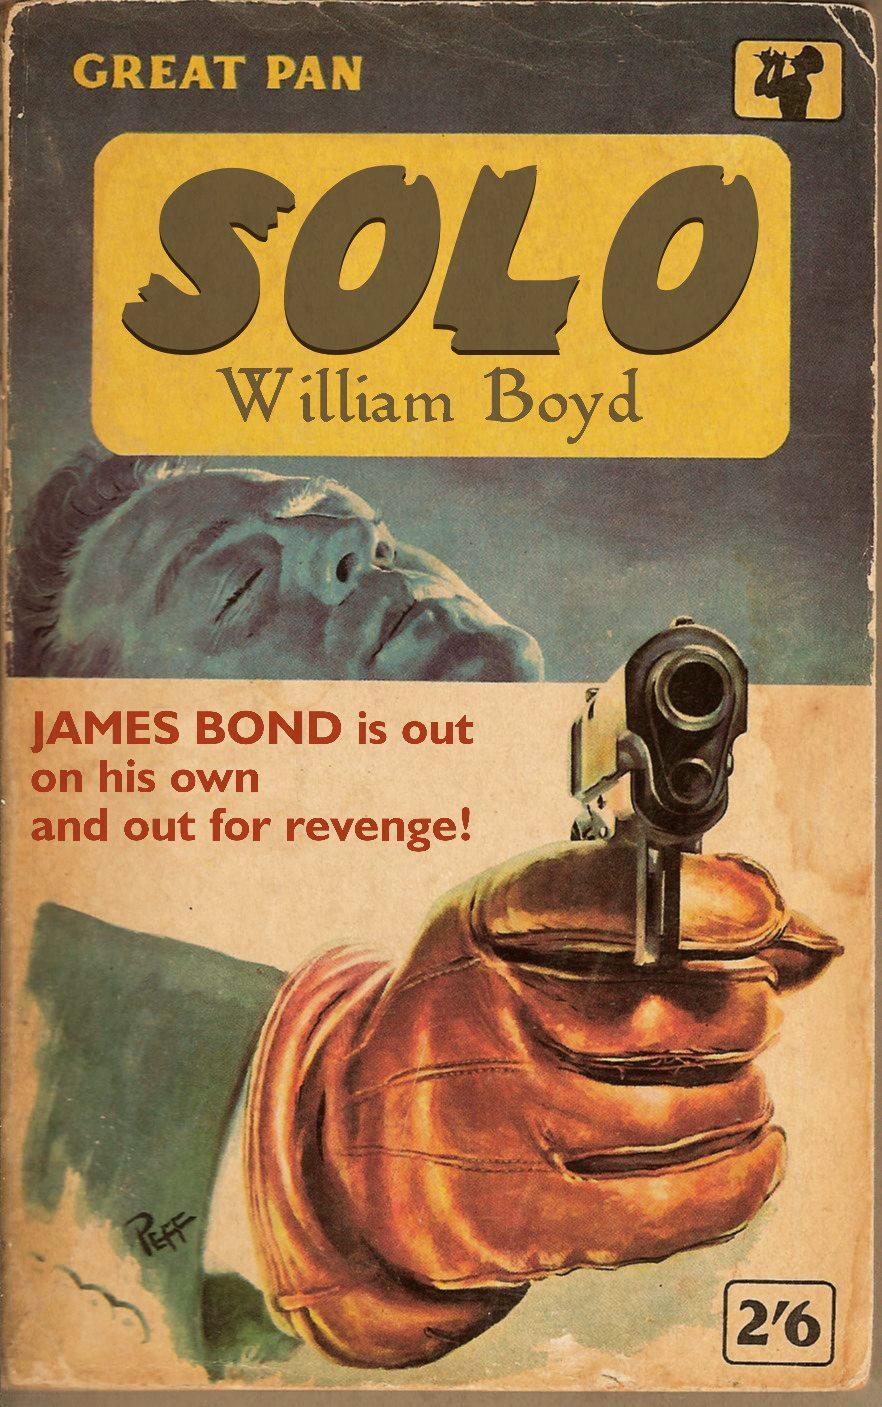 The Book Bond: Retro SOLO (fan art)